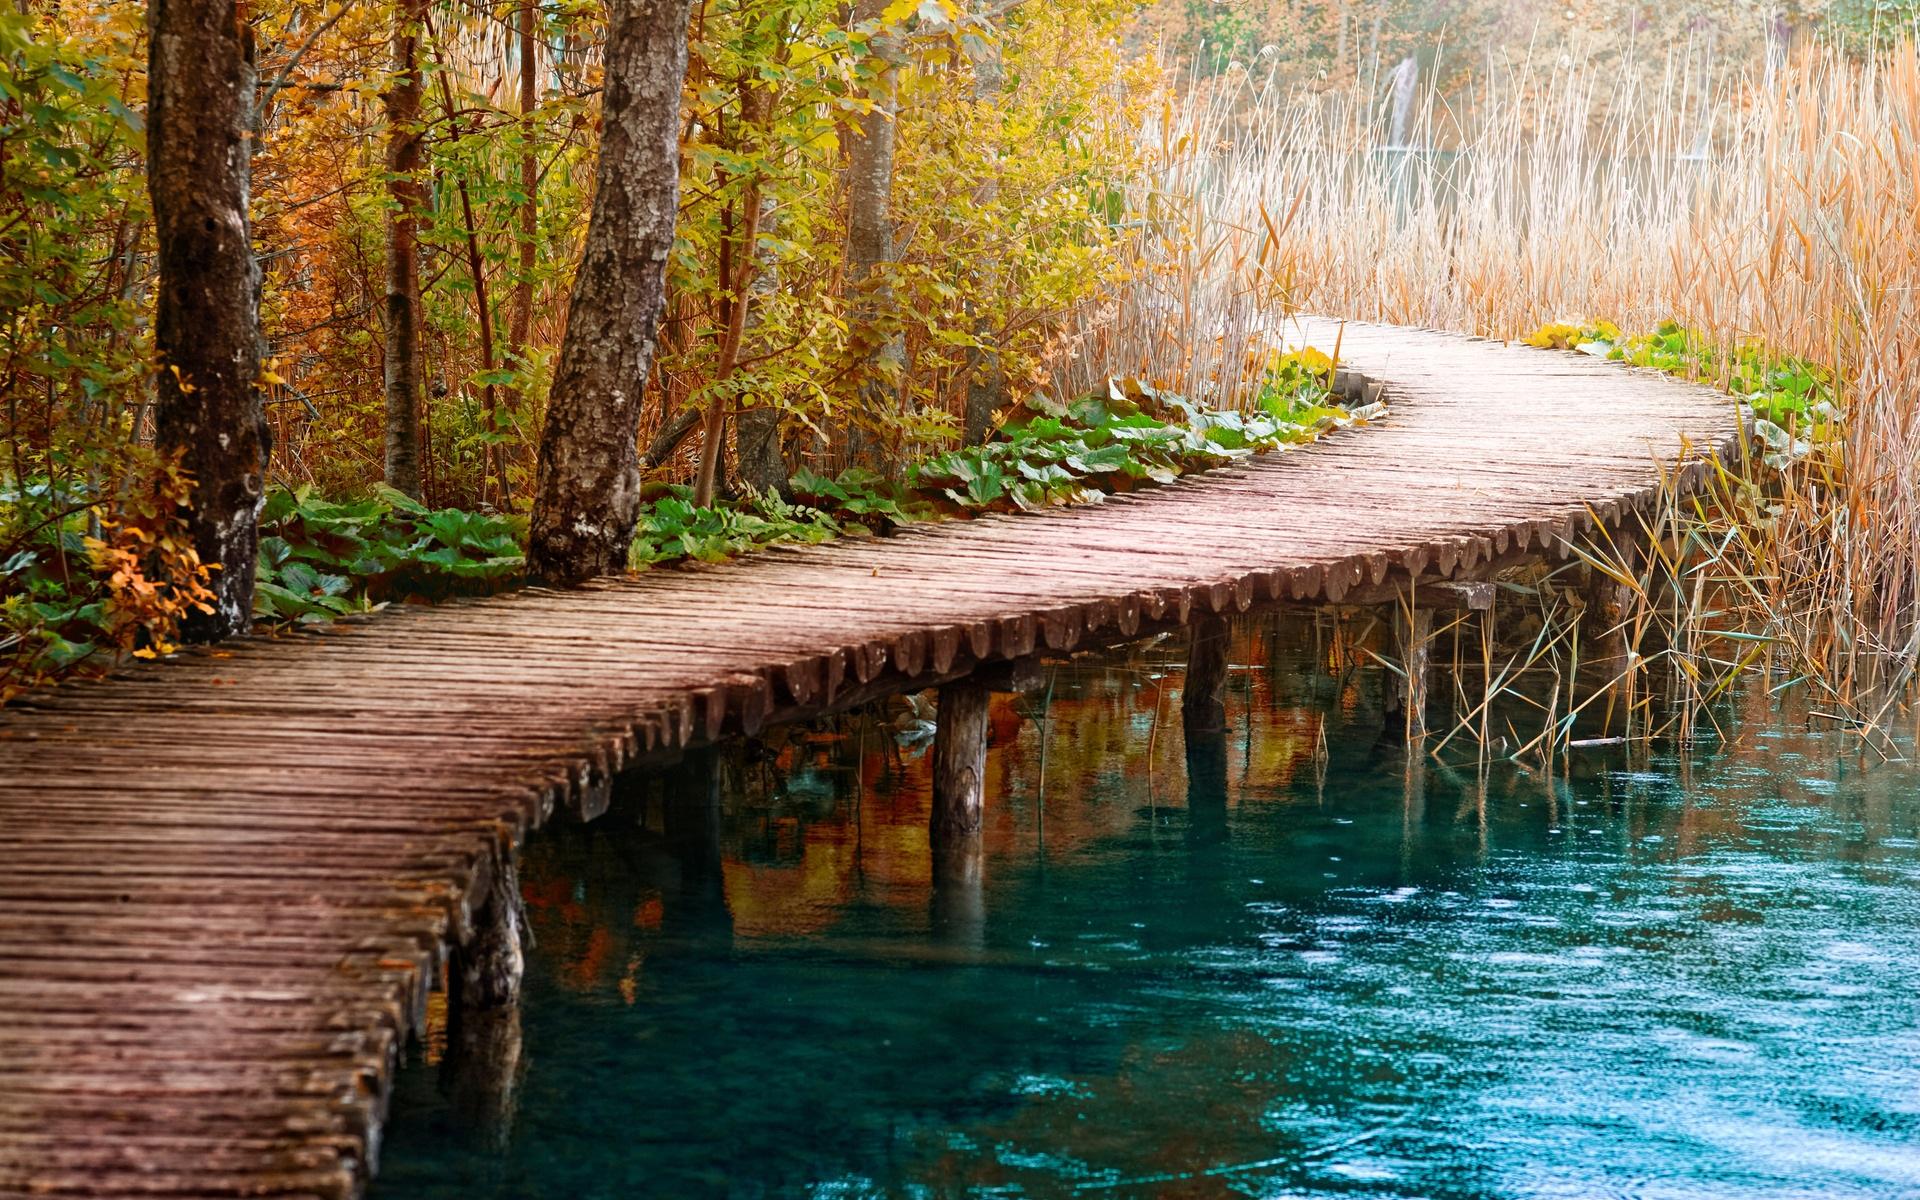 мост цветы речка бесплатно